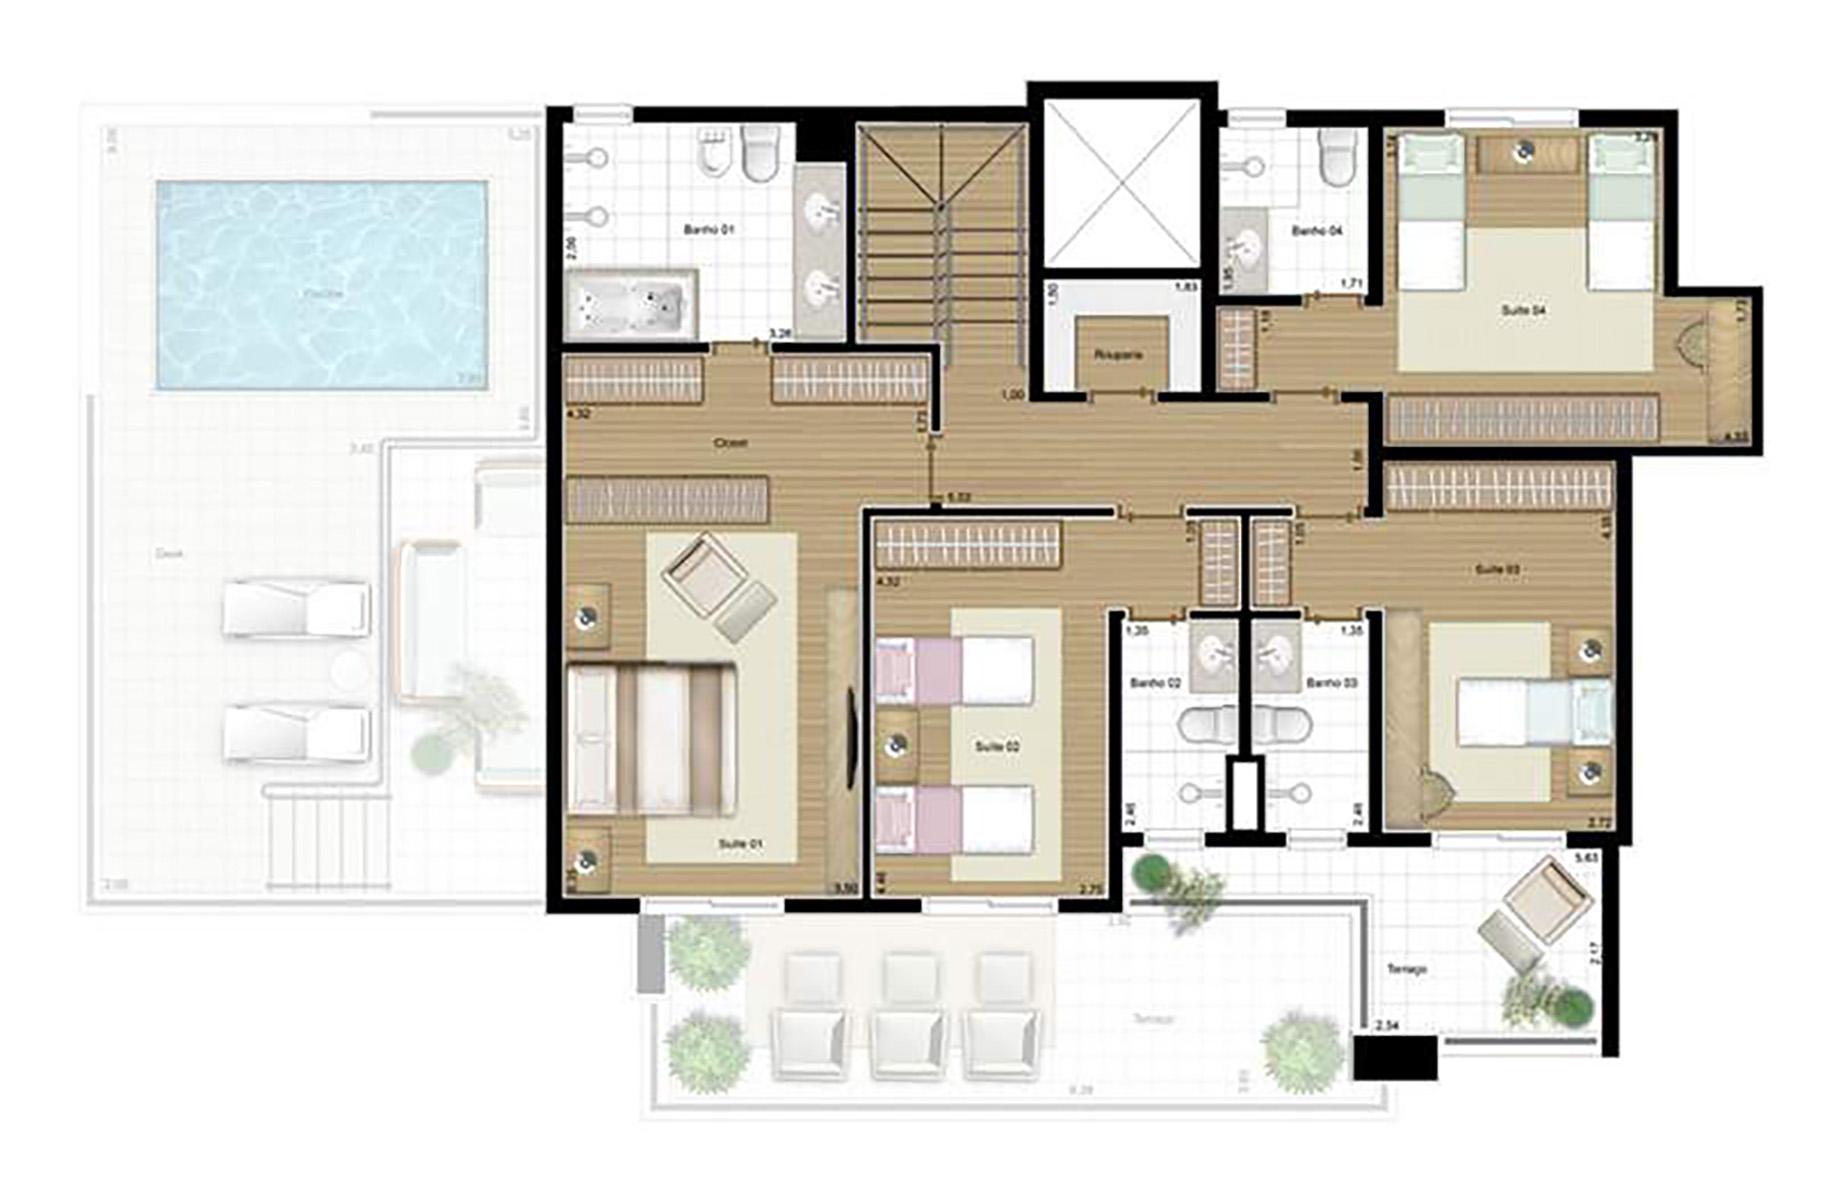 Ilustração Artística da Planta da Cobertura 224 m² Piso Superior Corcovado